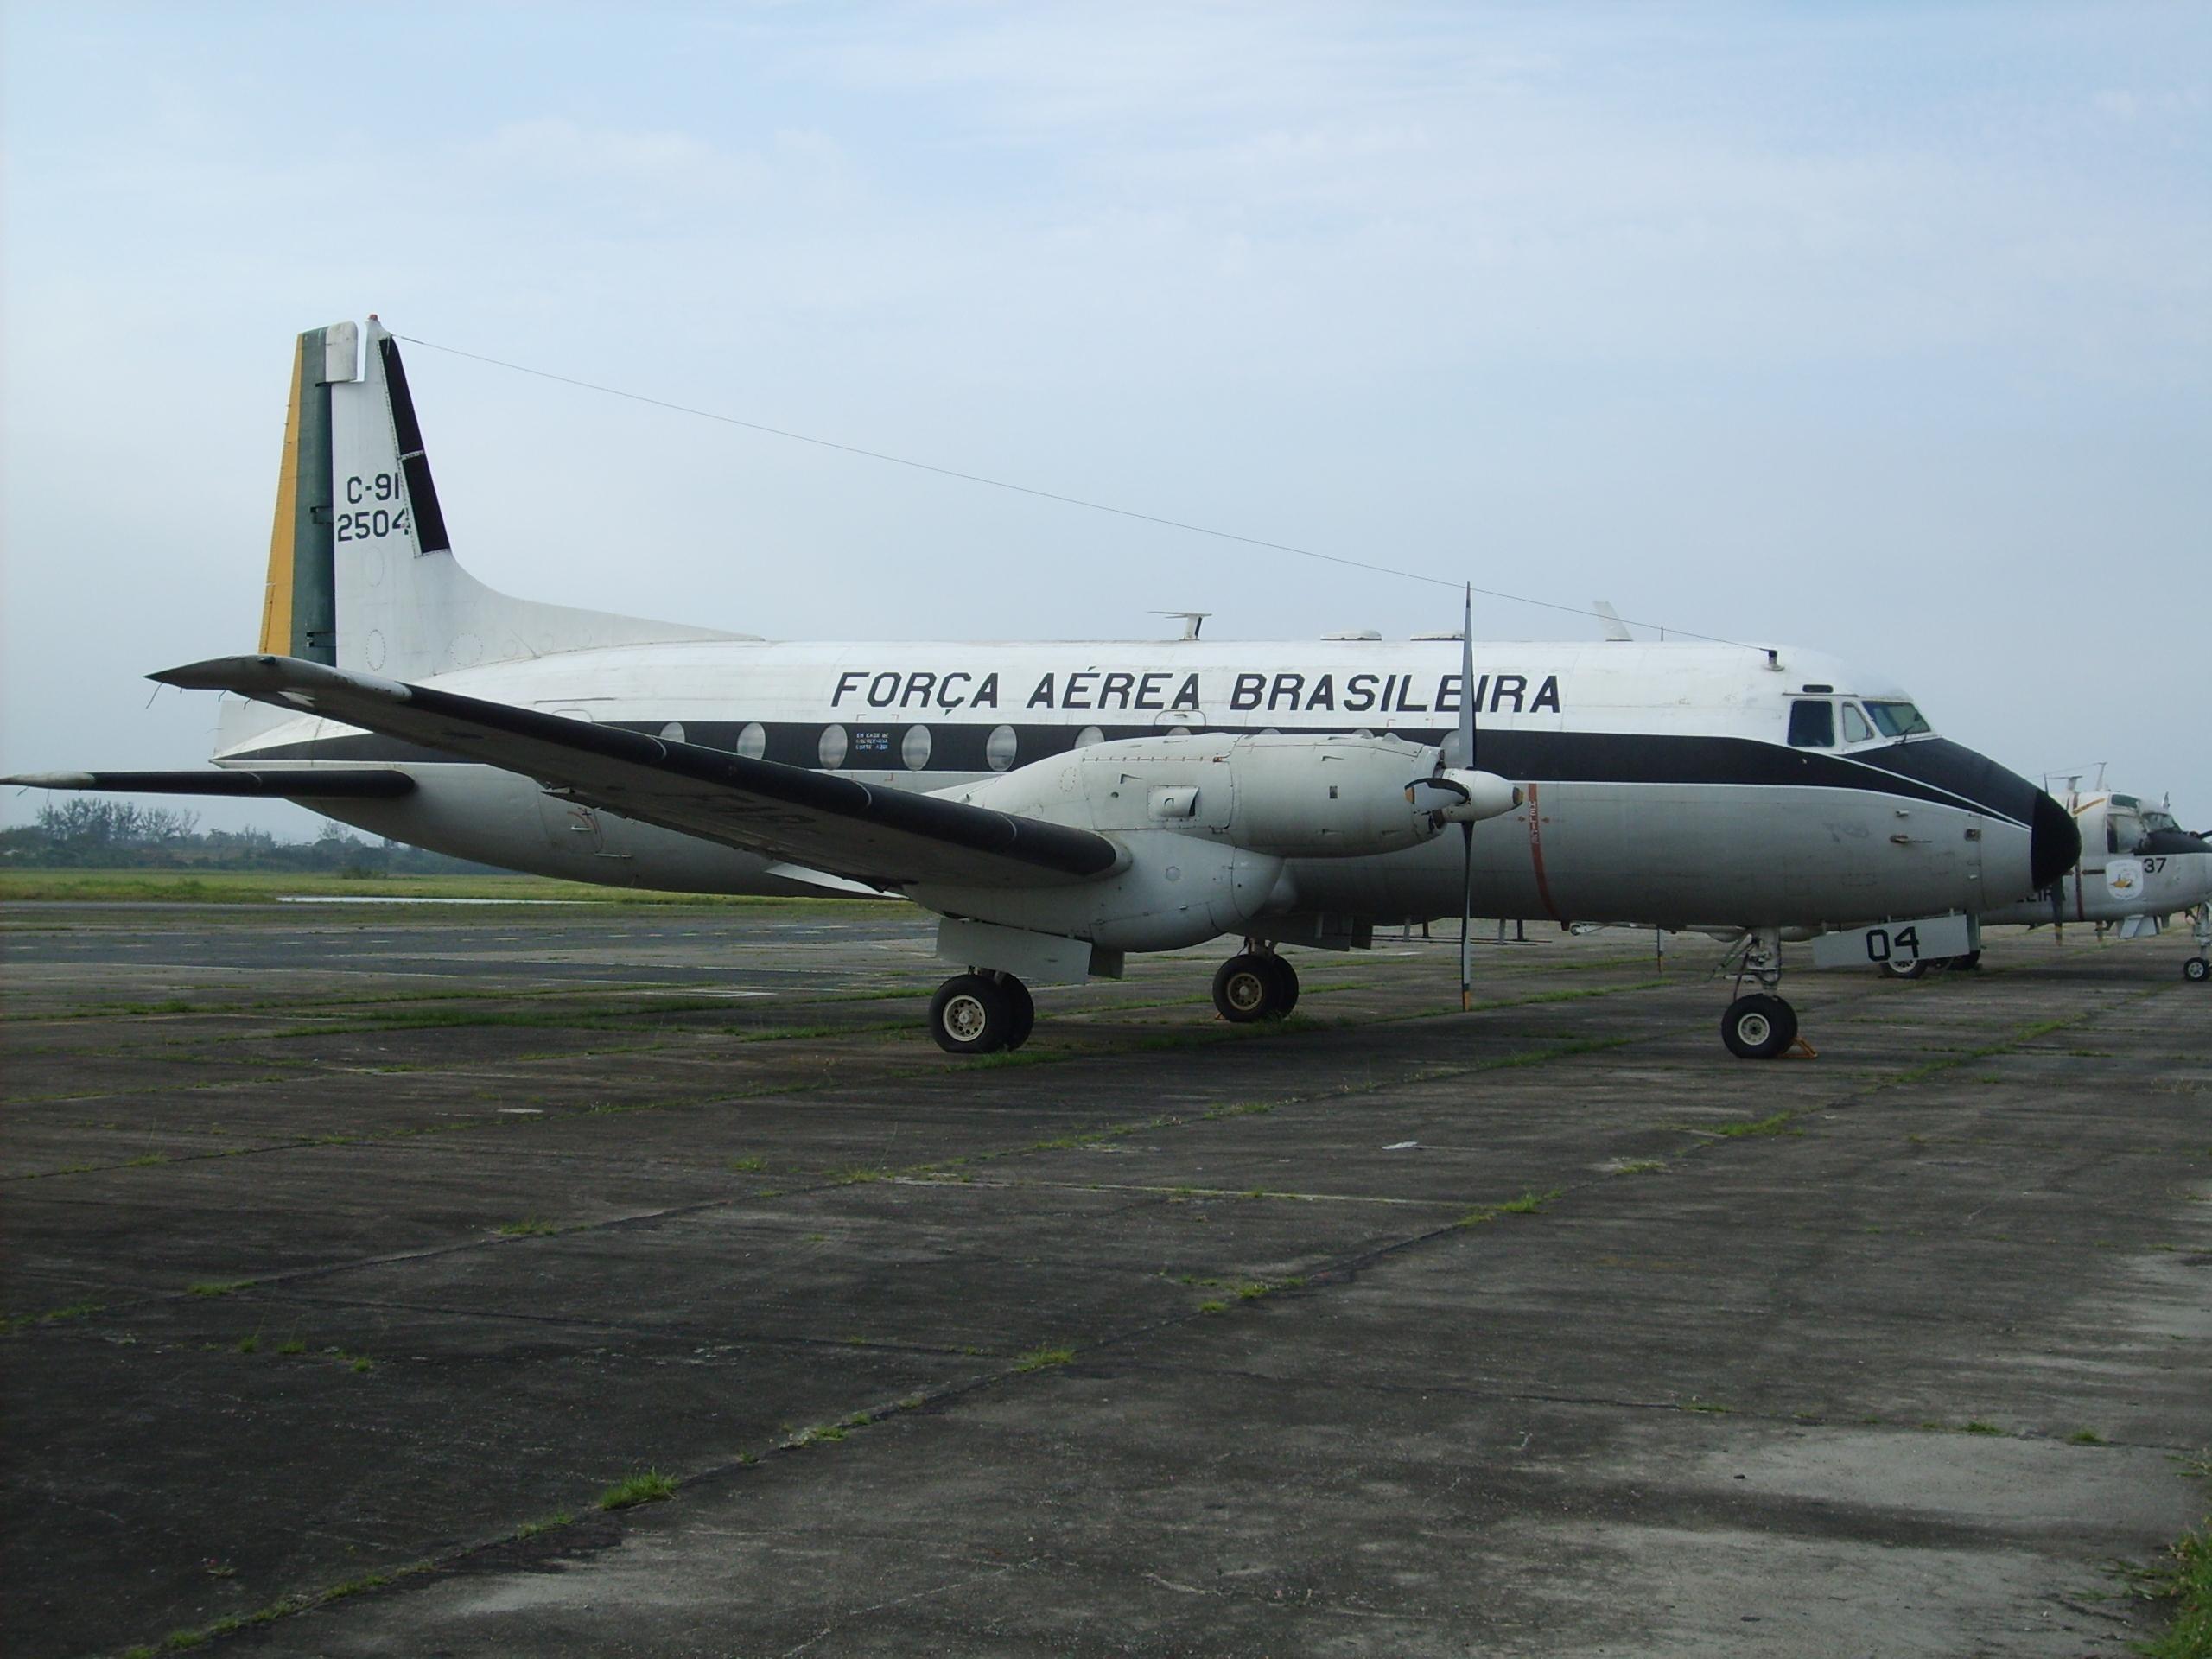 HS 748 Avro, designado na FAB como C-91